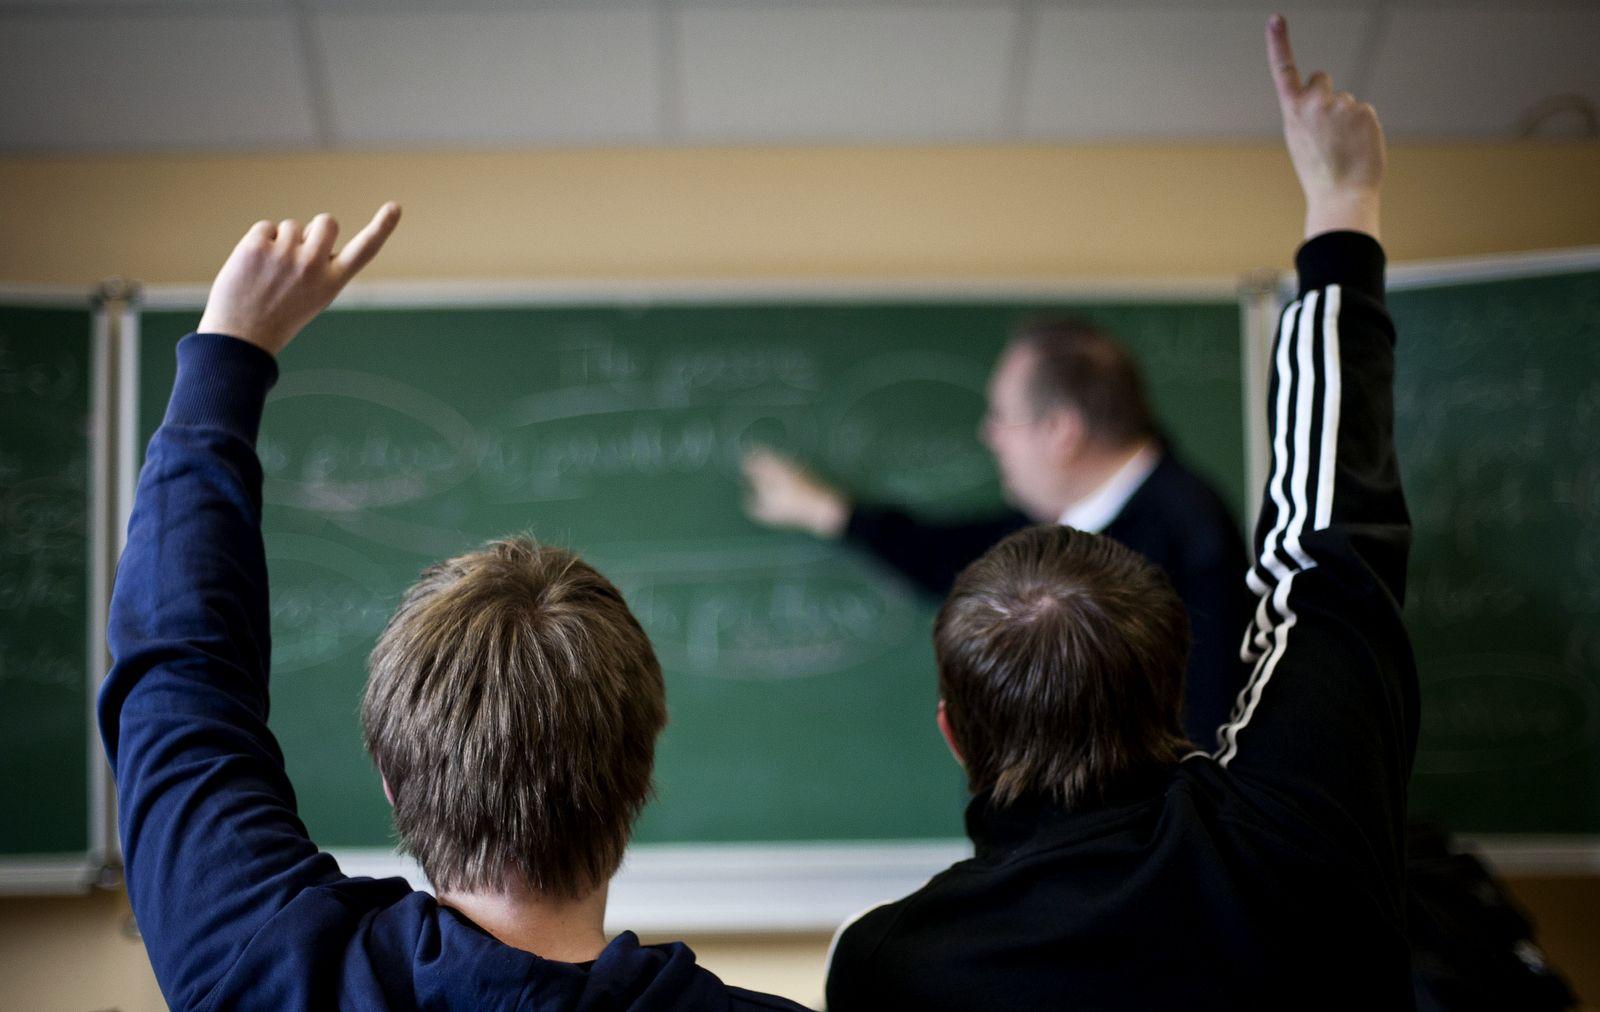 NICHT VERWENDEN Symbolbild Lehrer / Schule